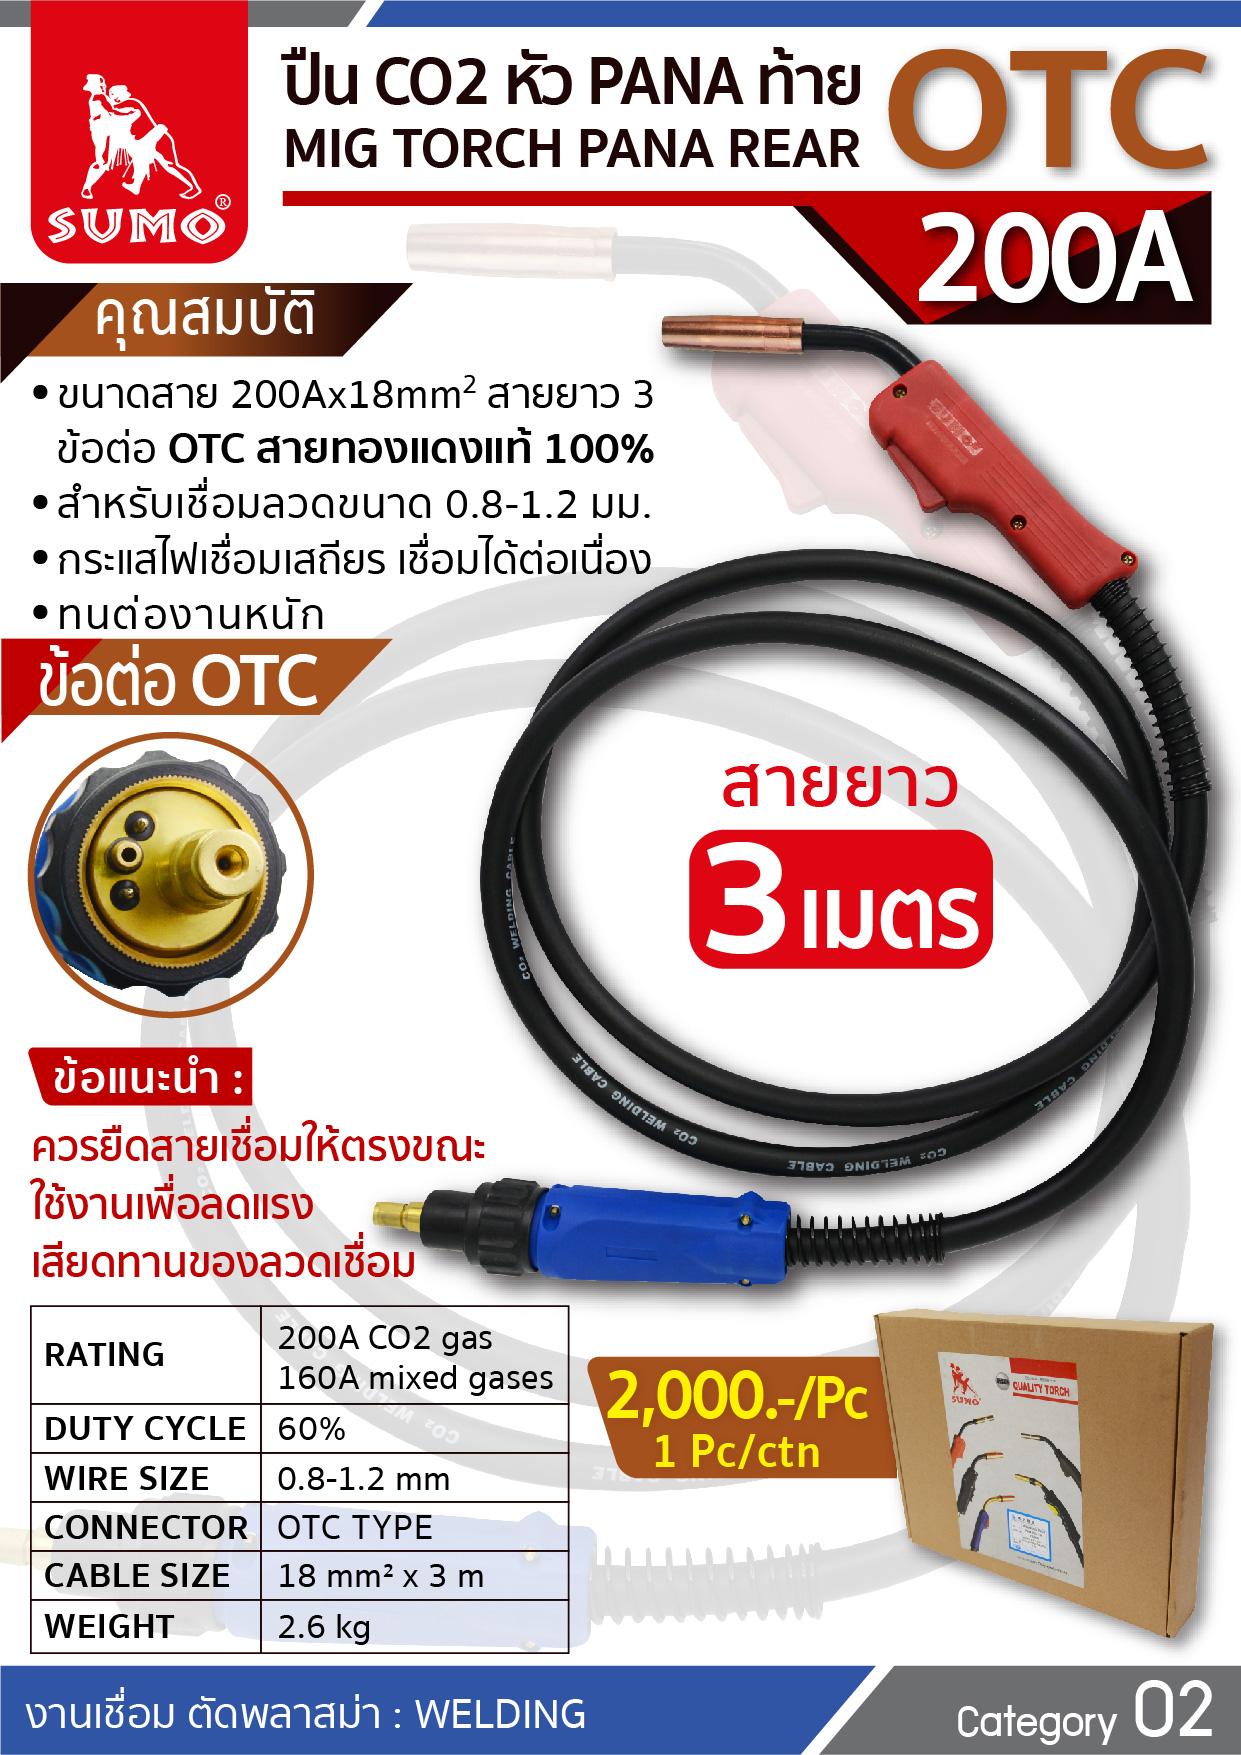 (47/277) ปืน CO2 PANA 200A OTC Tail